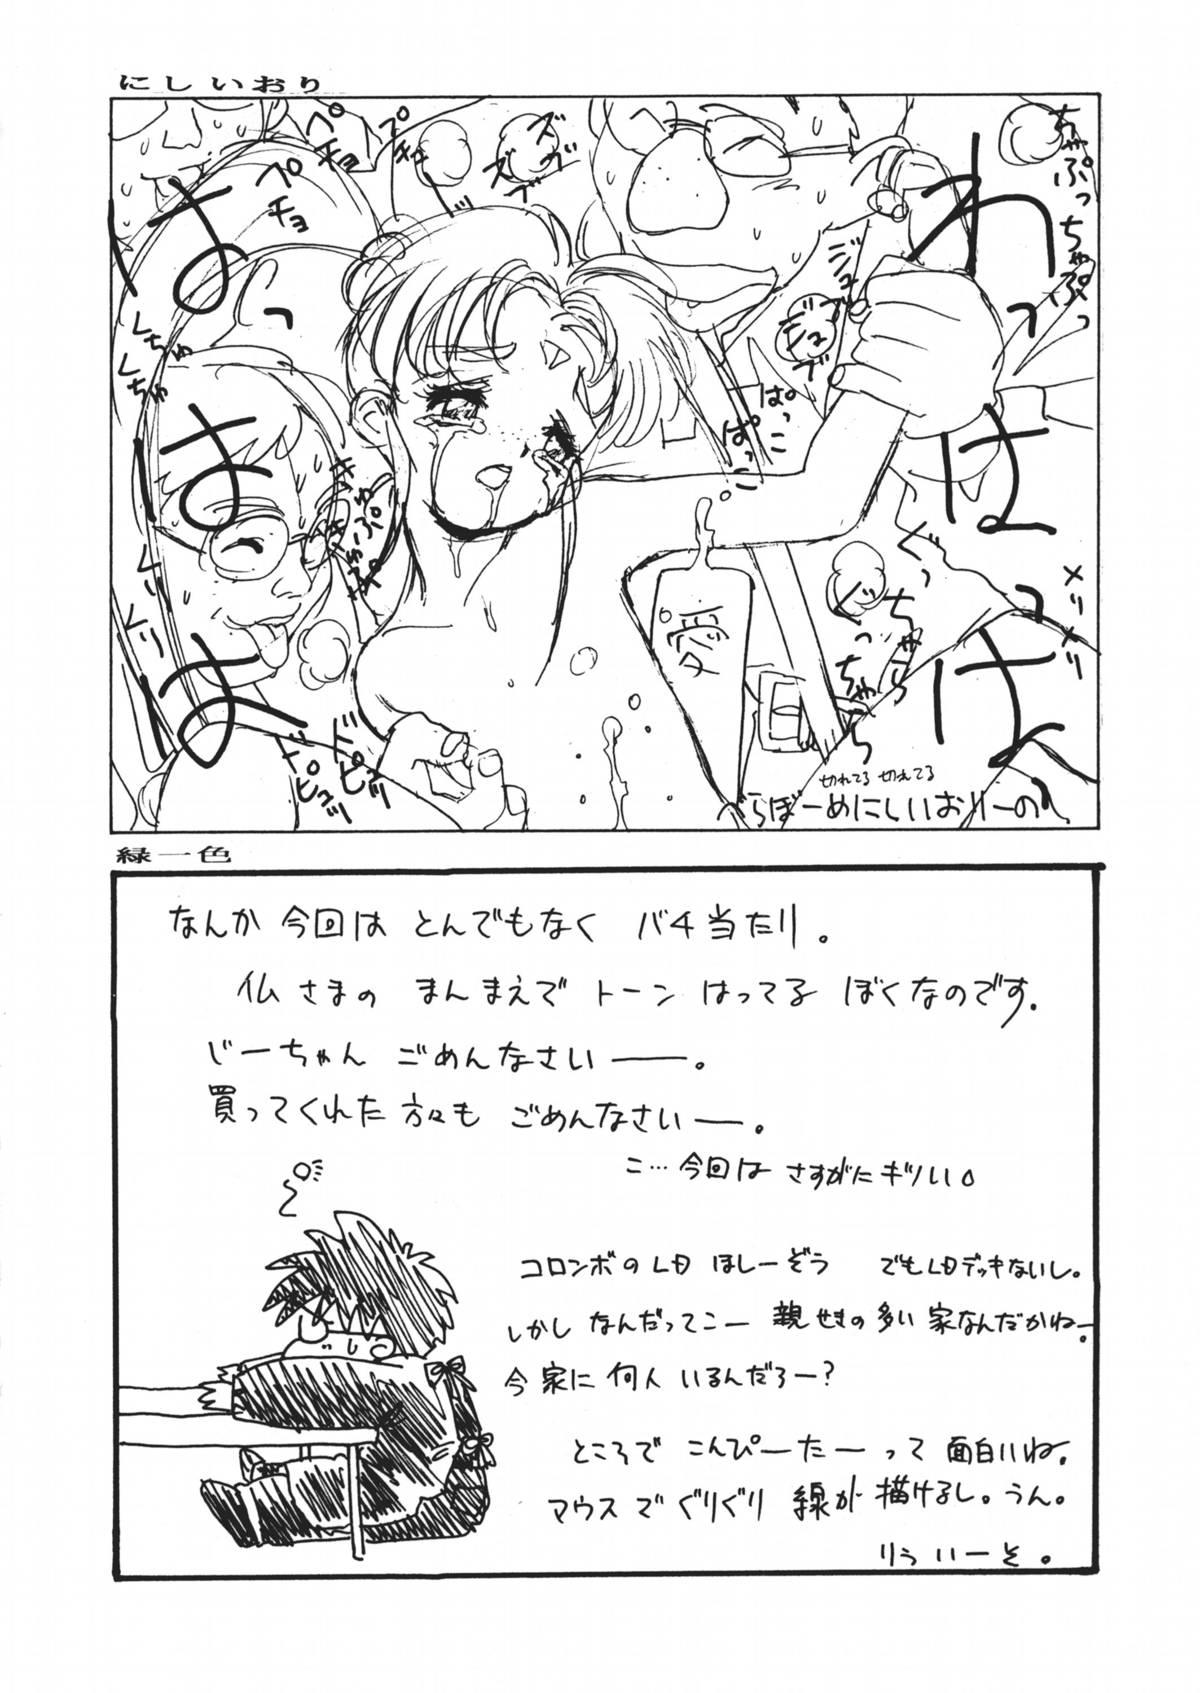 Tabeta Kigasuru 8 50